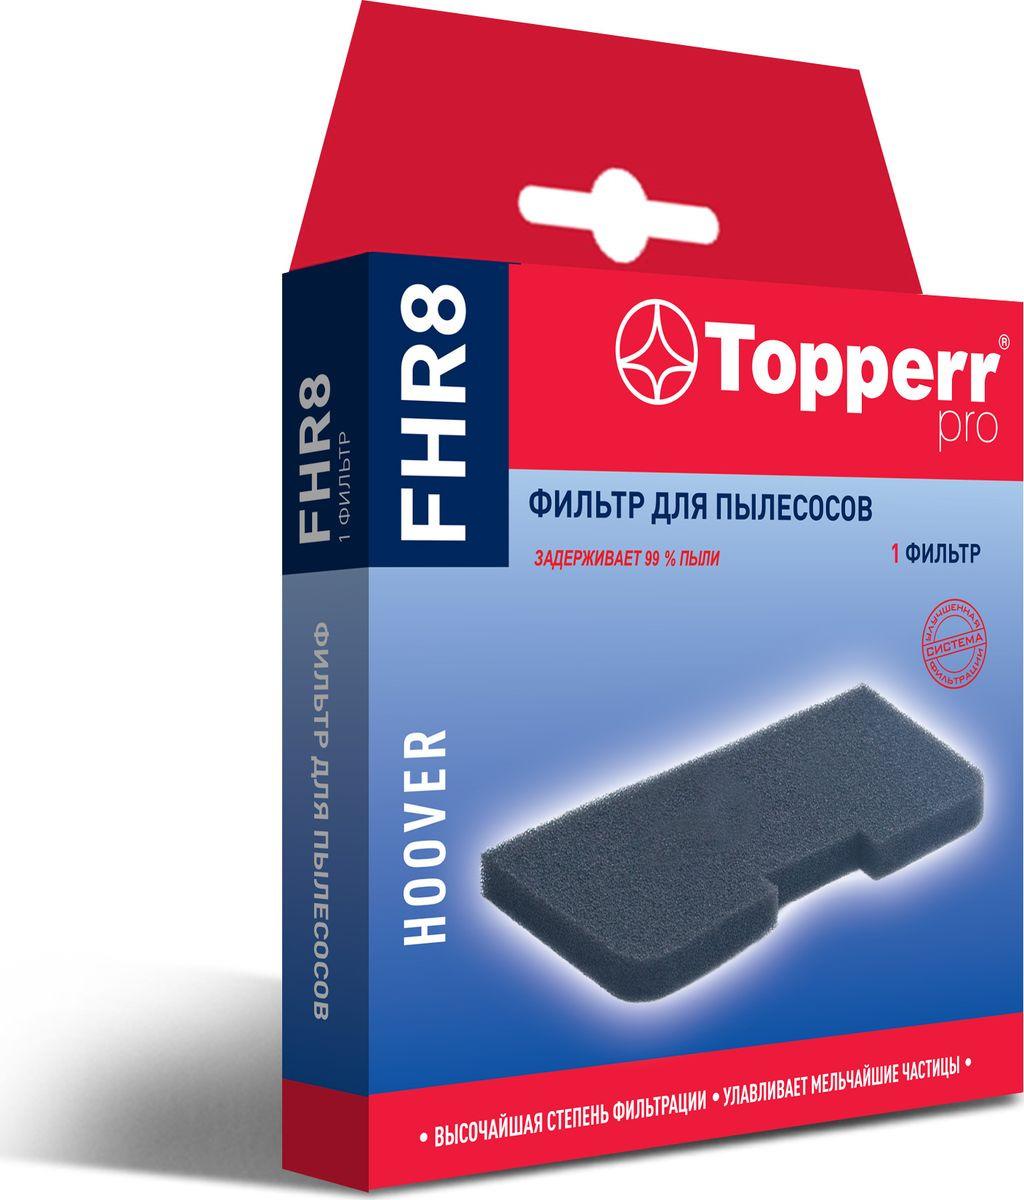 Фильтр губчатый Topperr FHR 8 для пылесосов Hoover TSBE1401 019, TSBE2002 011, TSBE2003 011, TSBE2010 011, темно-серый цена